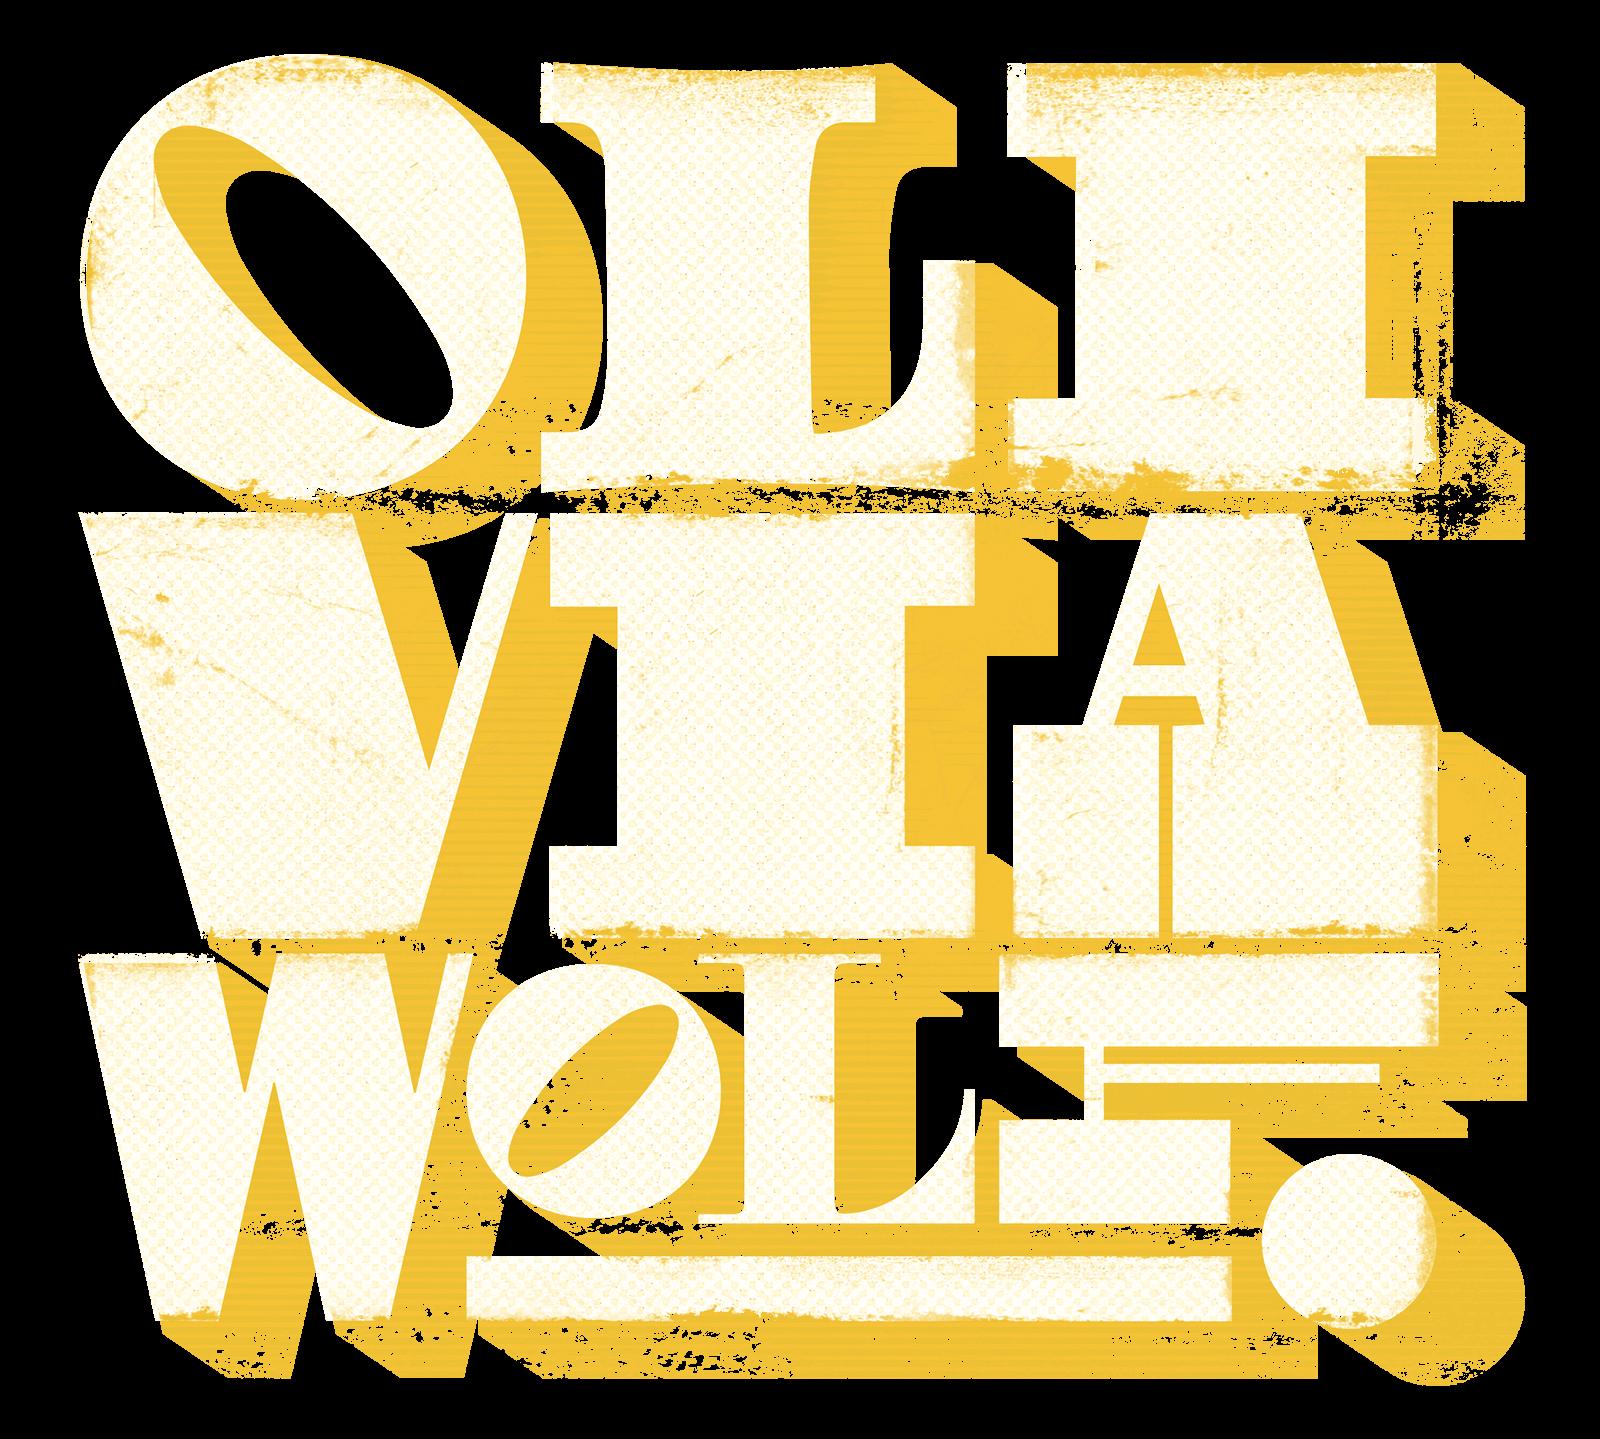 Olivia Wolf